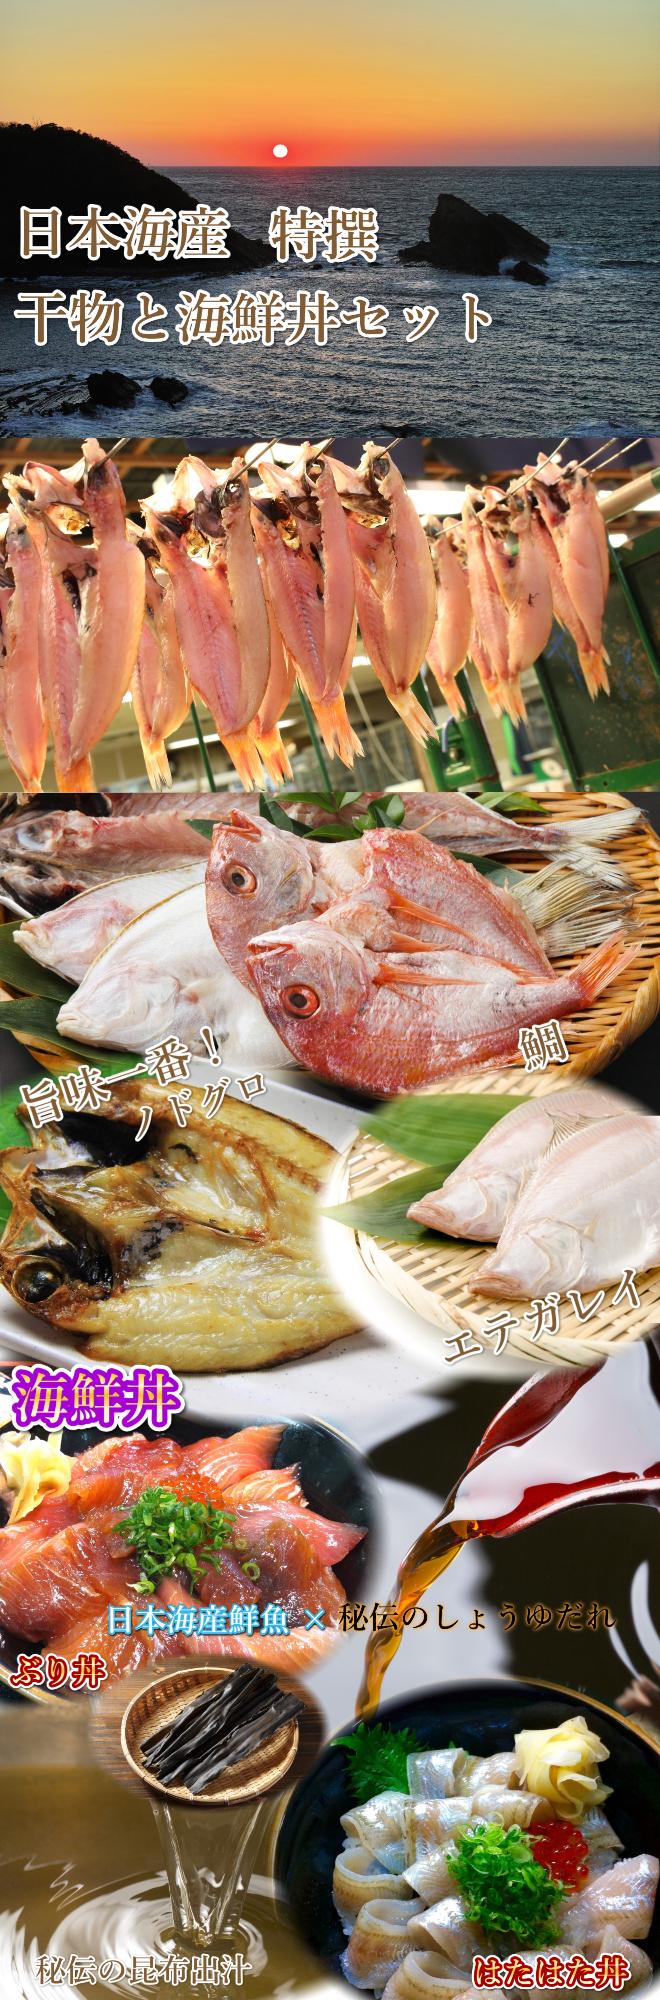 日本海,山陰,鳥取,境港,干物,海鮮,のどぐろ